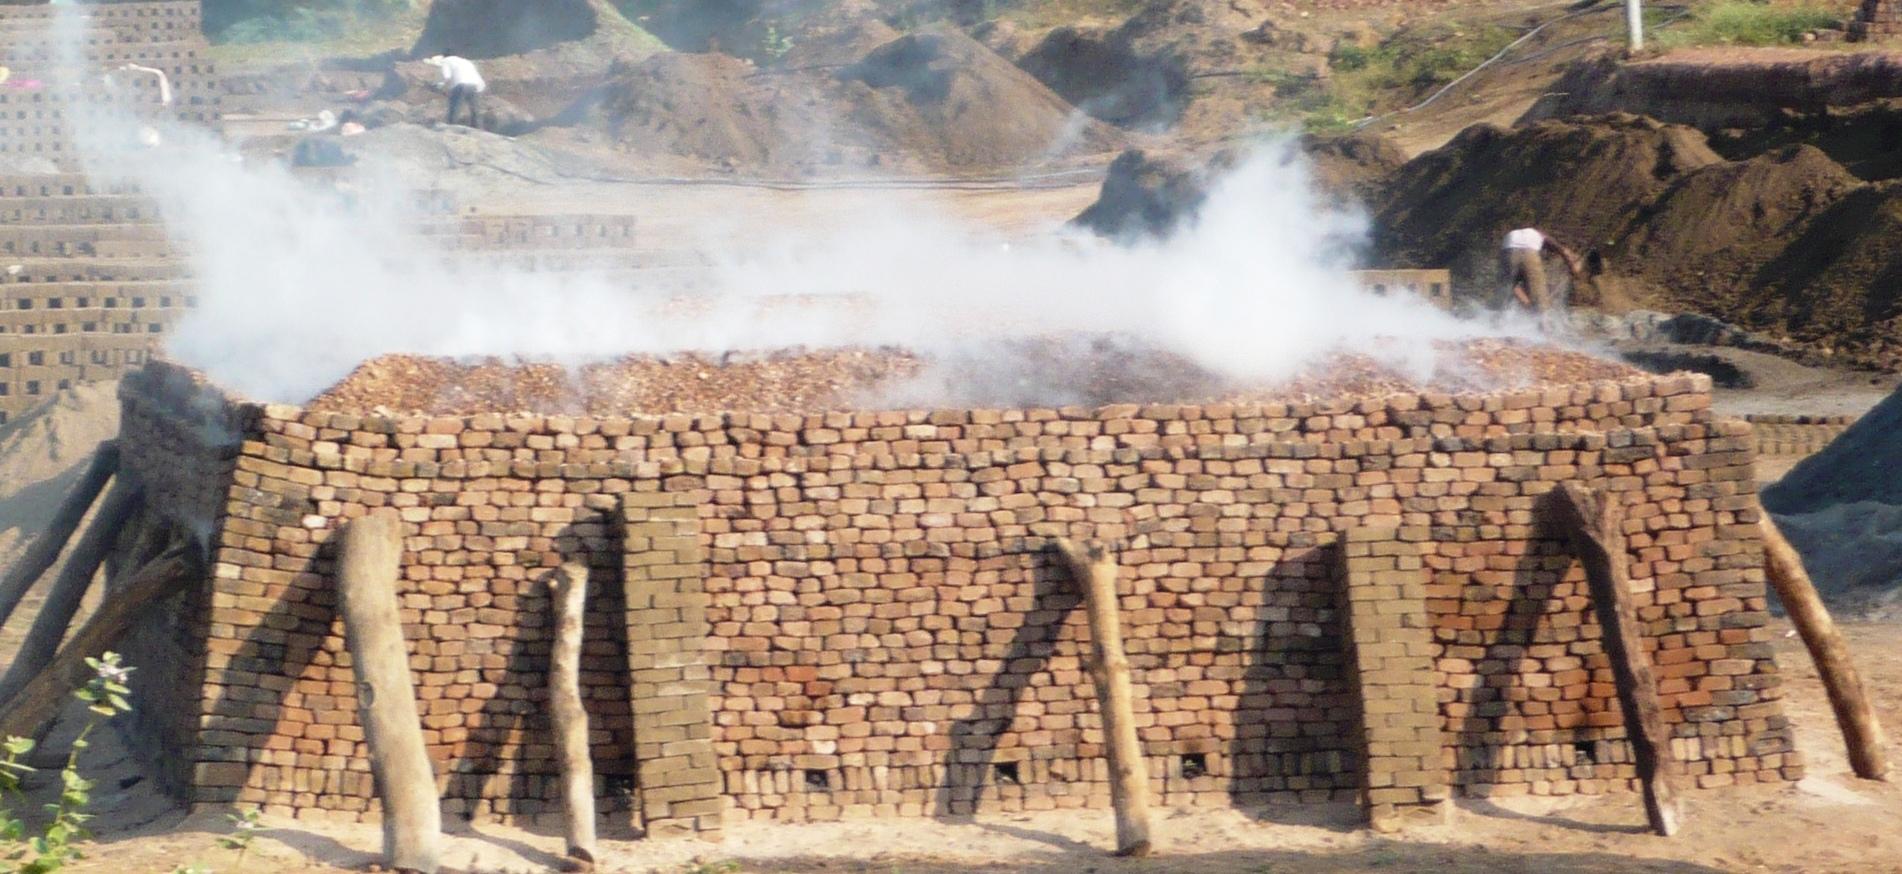 What is a Brick Kiln?